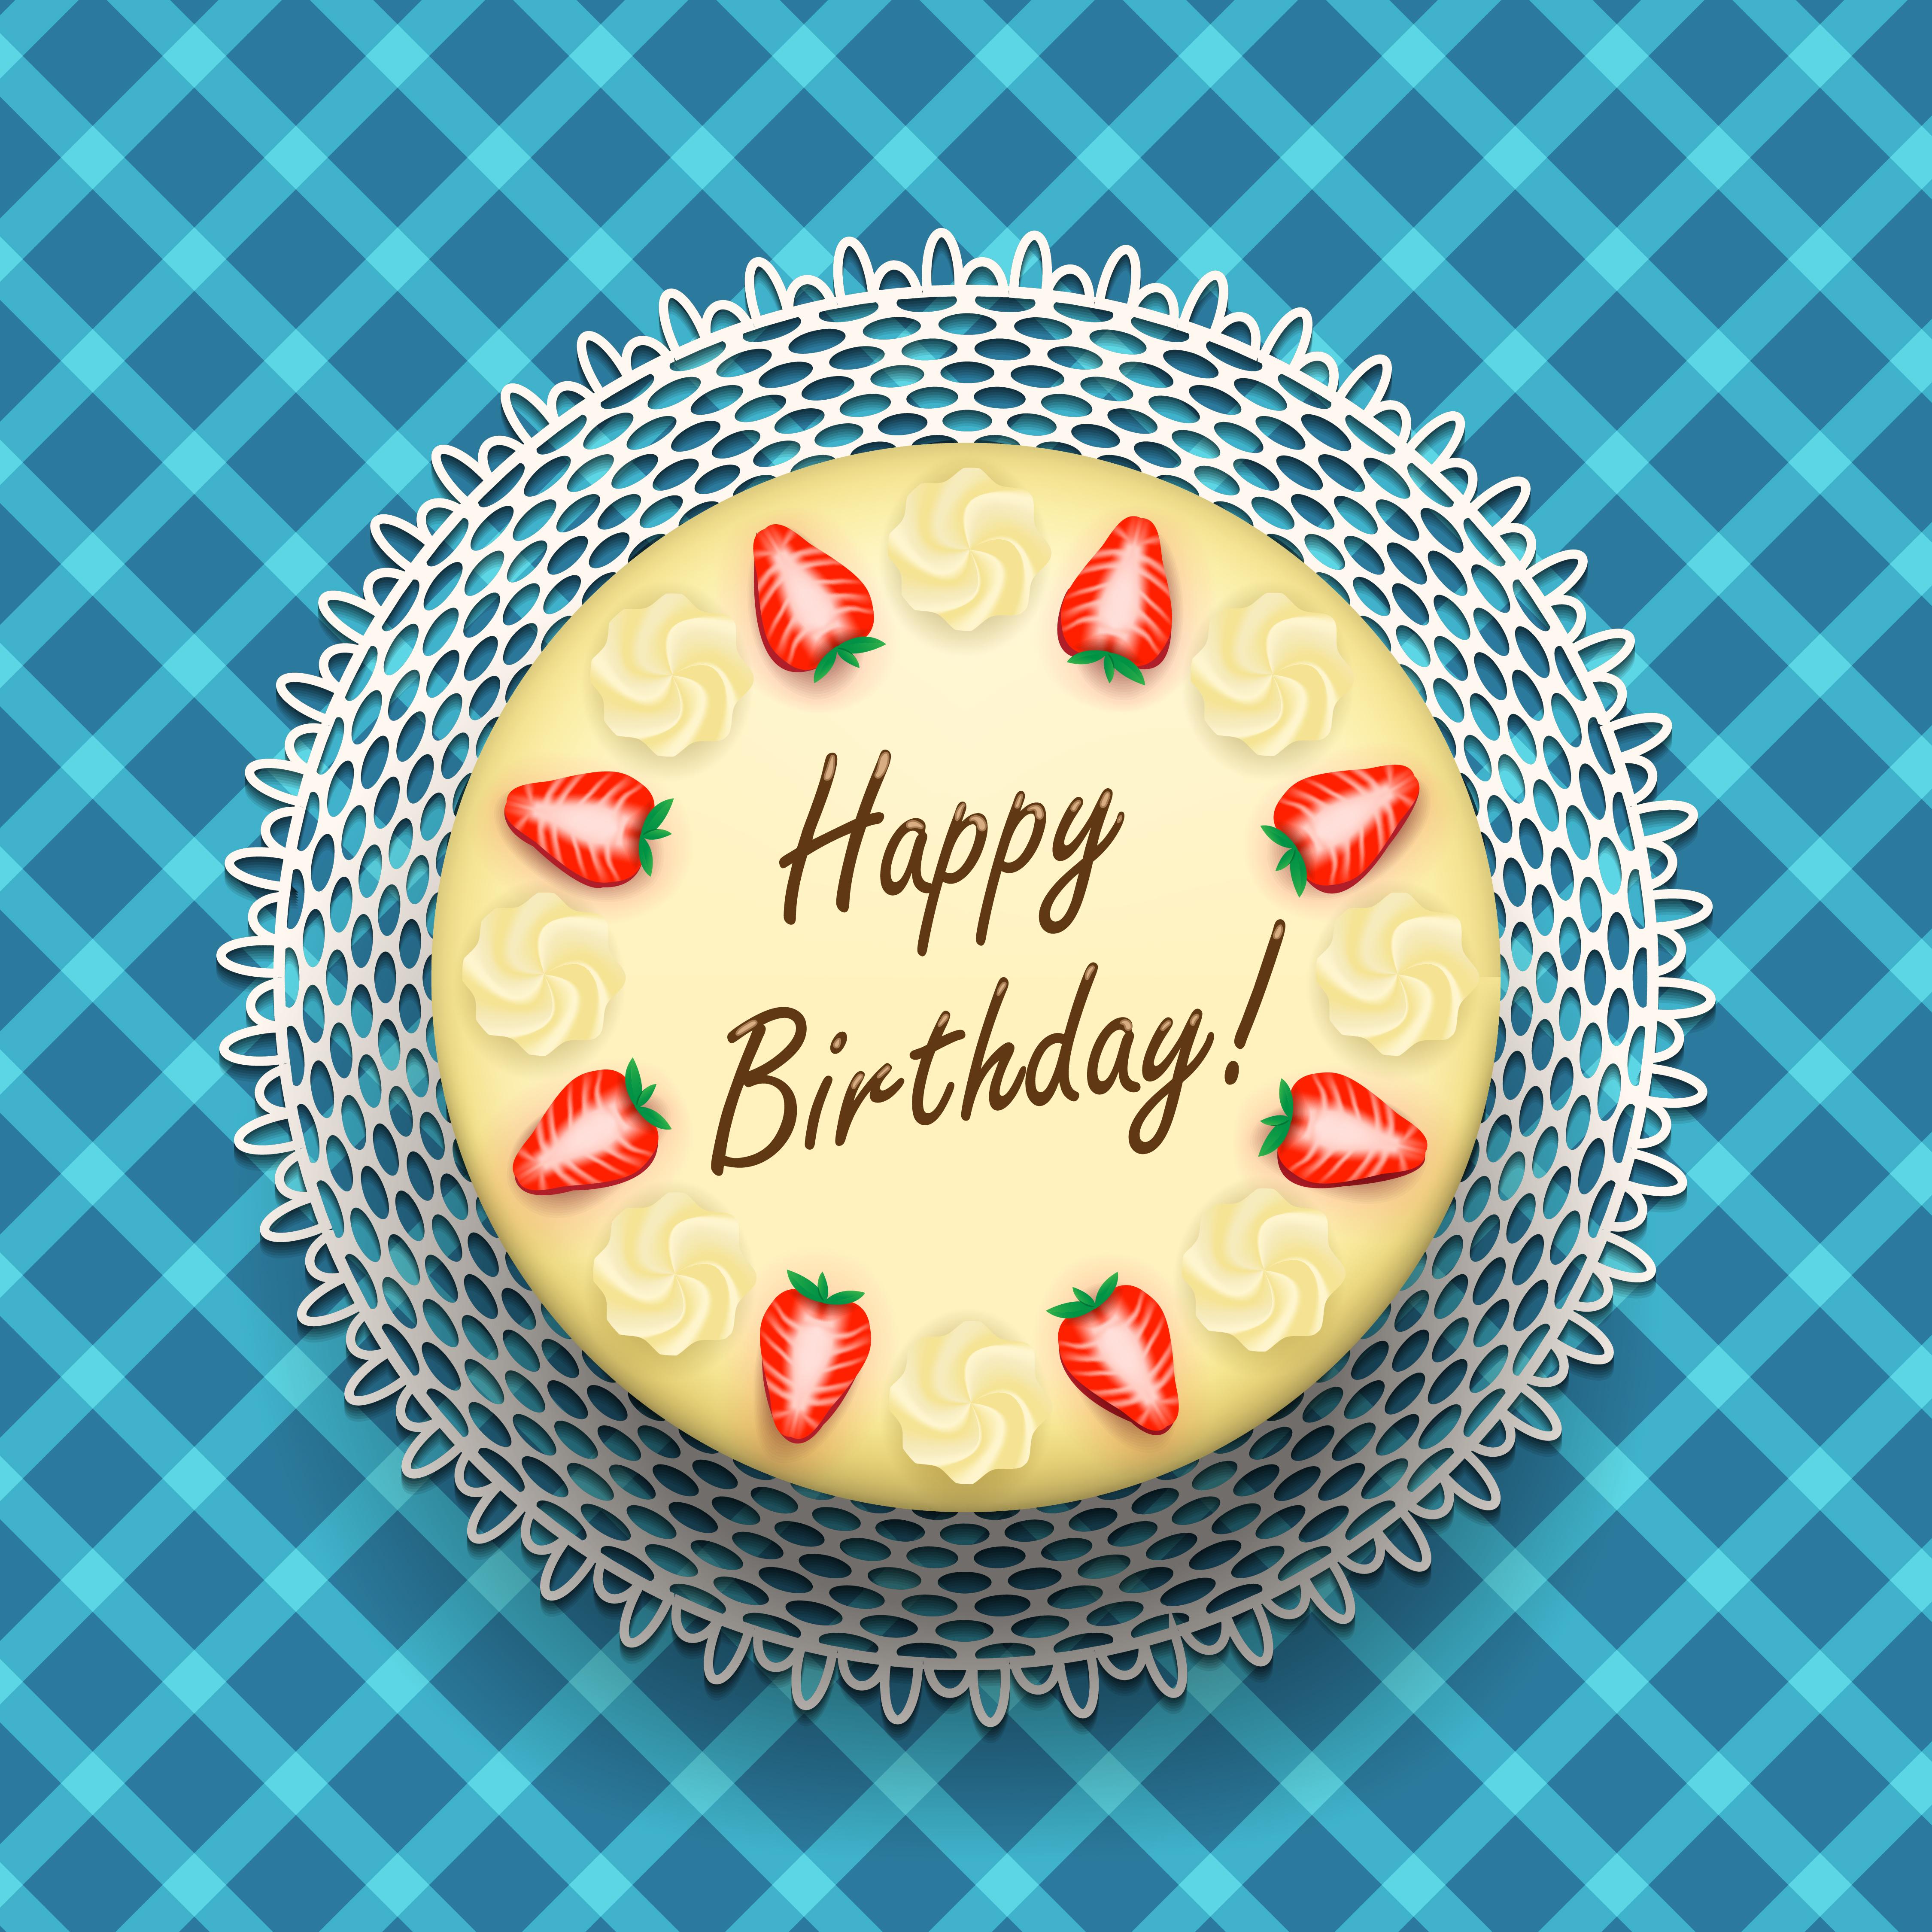 Cheese Birthday Cake With Strawberries